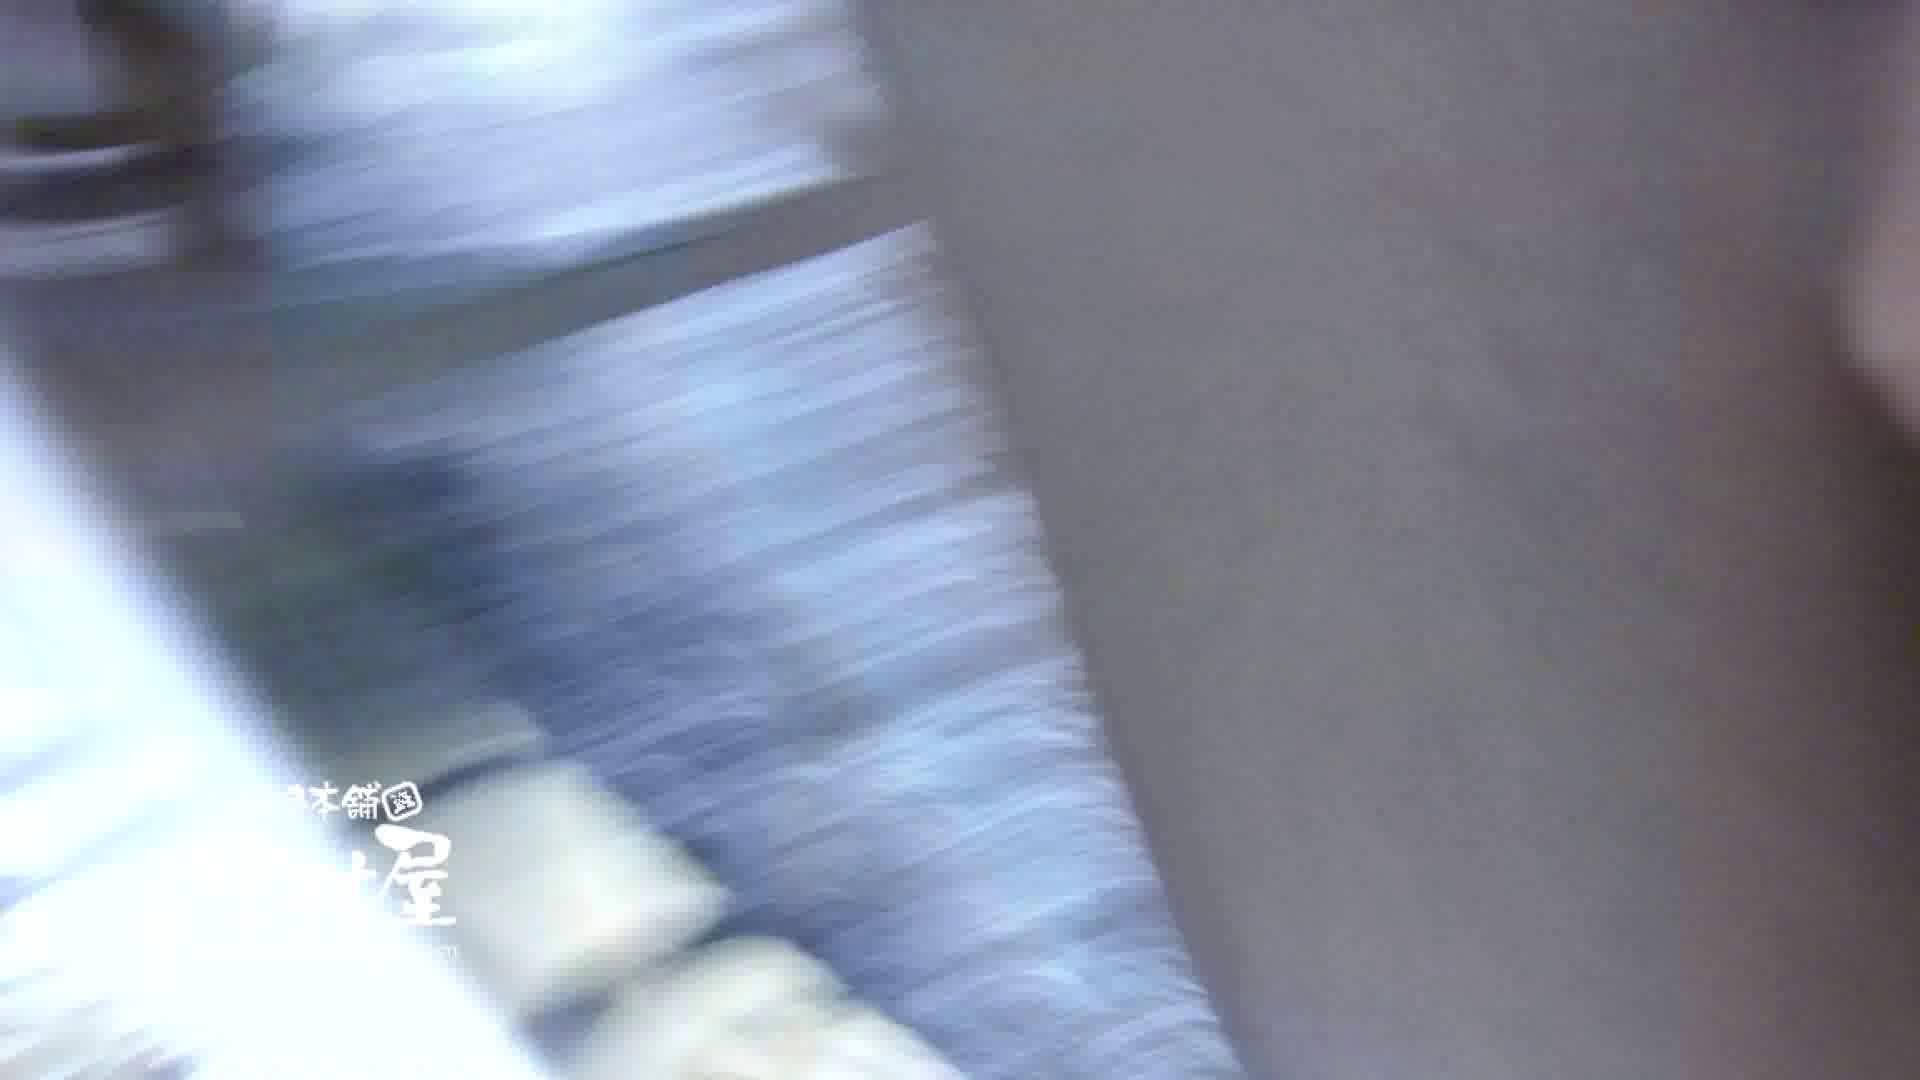 鬼畜 vol.15 ハスキーボイスで感じてんじゃねーよ! 前編 鬼畜 | 美しいOLの裸体  102pic 61